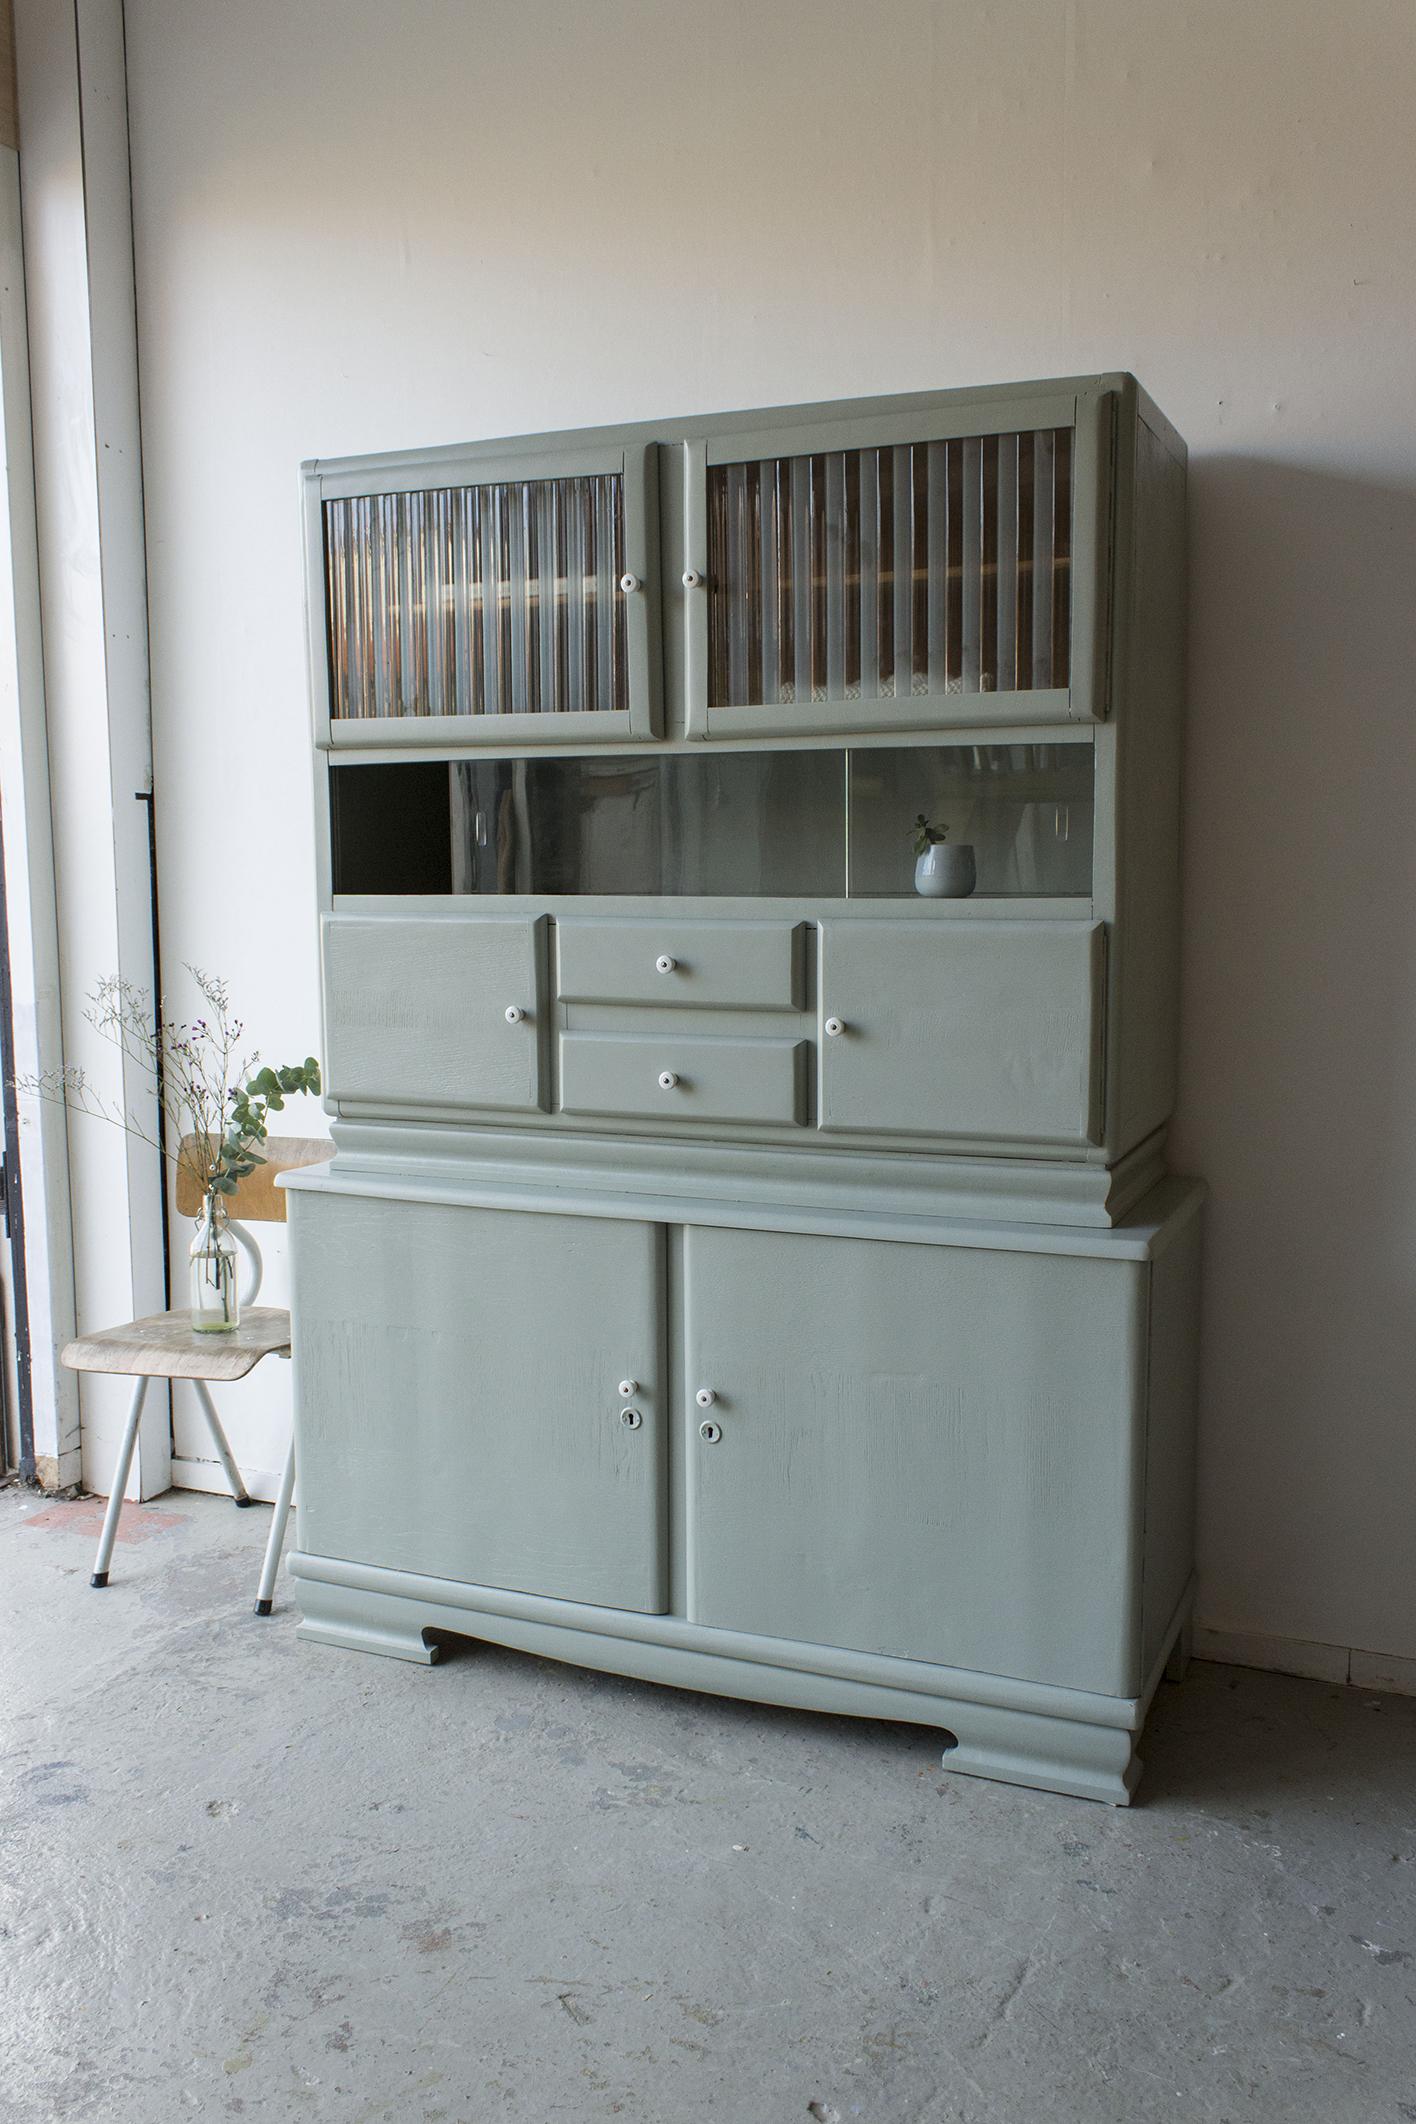 _Grijsgroene vintage keukenkast met ruitjes -  Firma zoethout_6.jpg